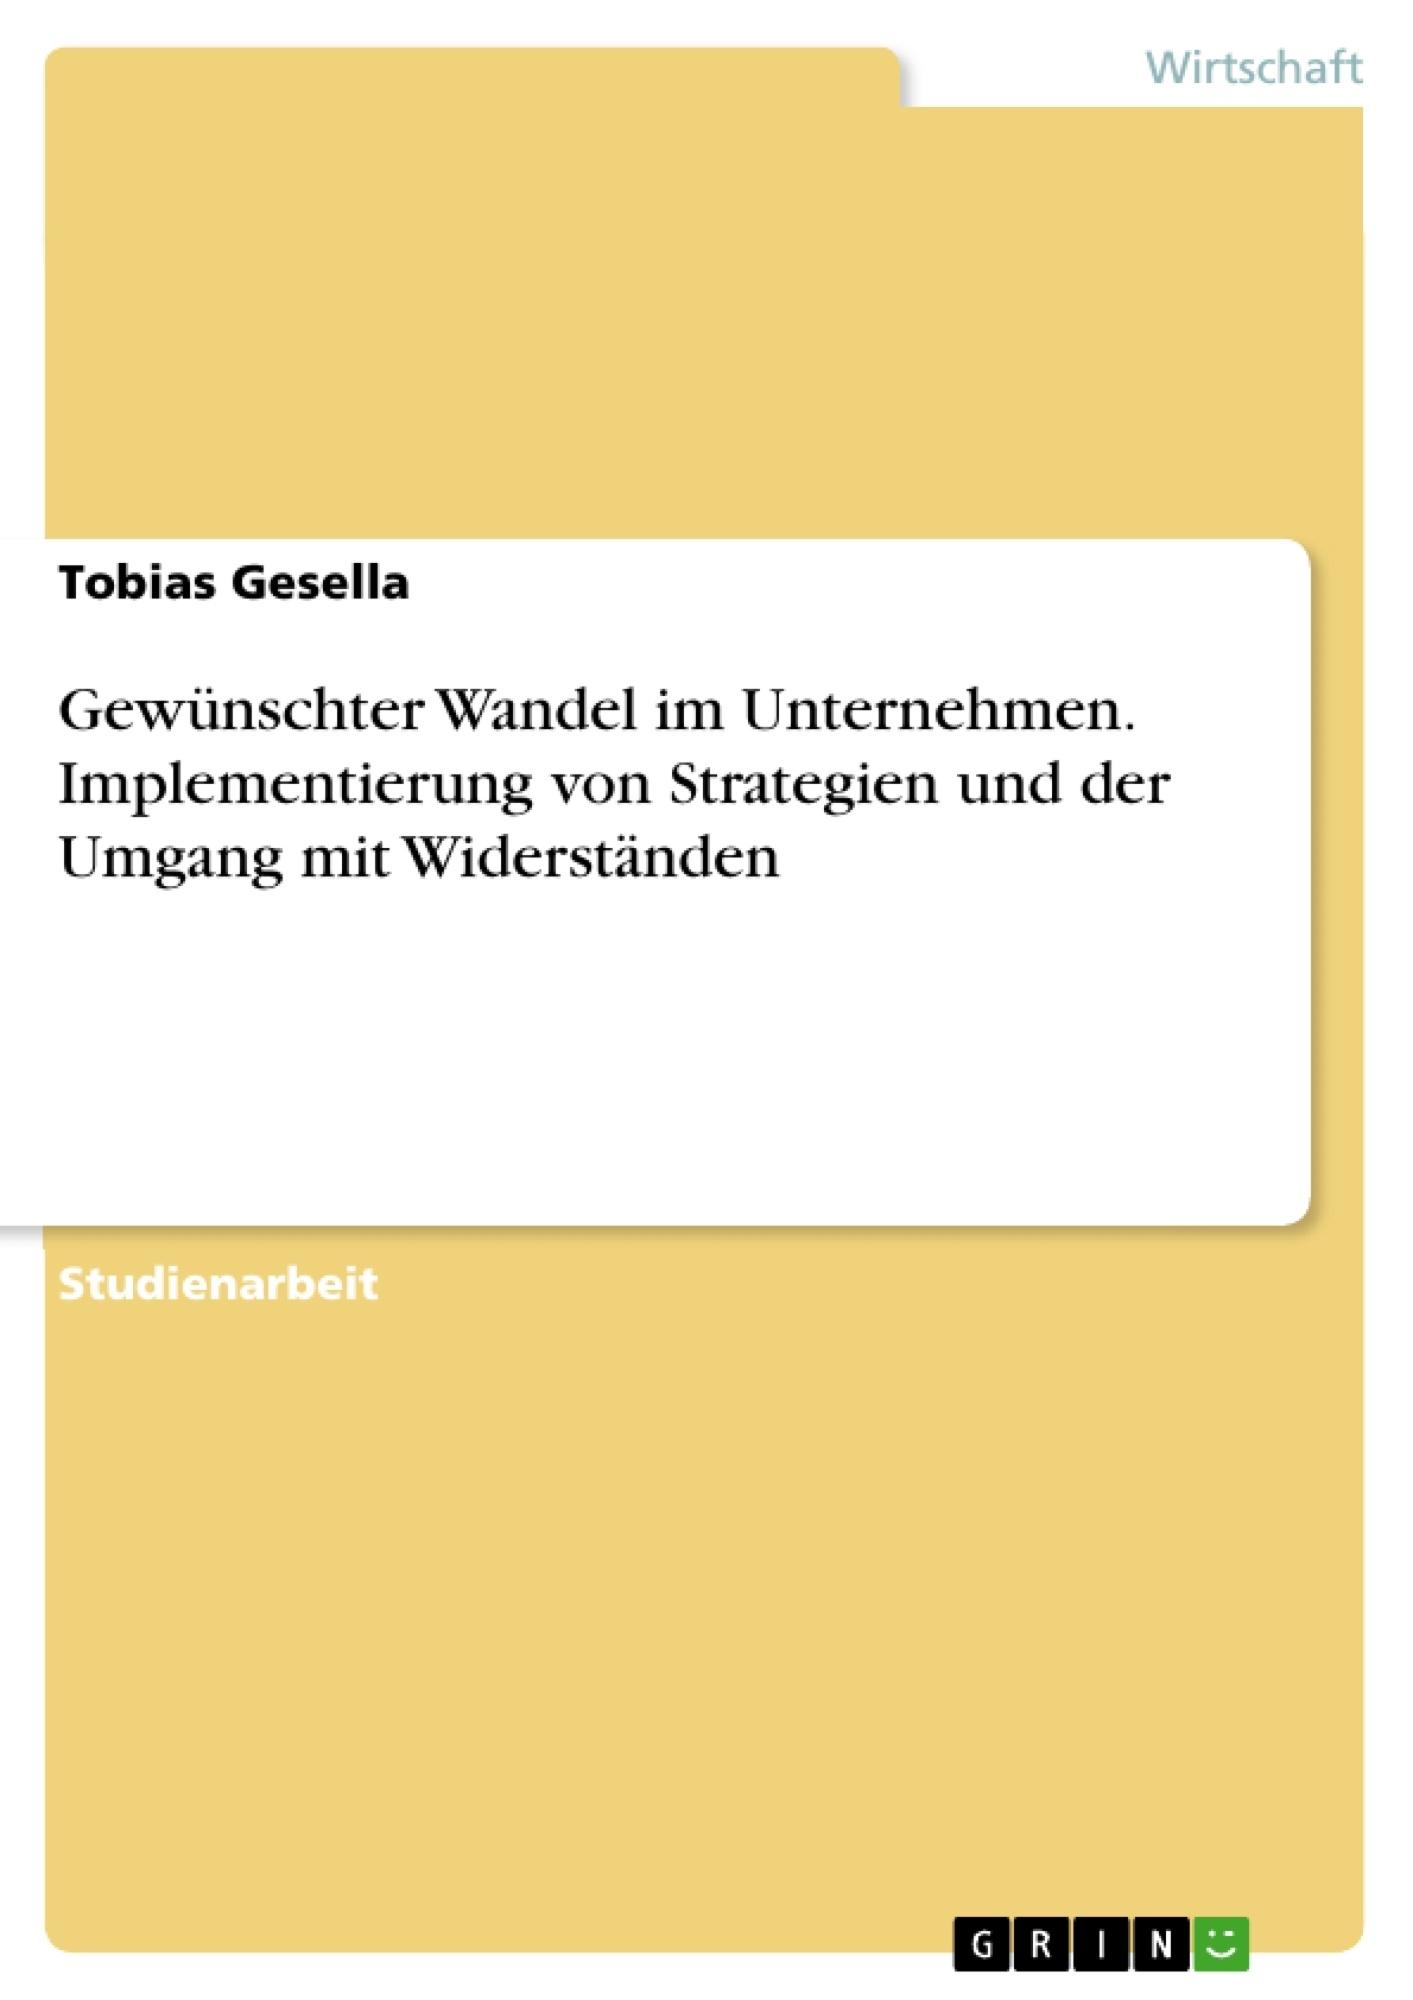 Titel: Gewünschter Wandel im Unternehmen. Implementierung von Strategien und der Umgang mit Widerständen